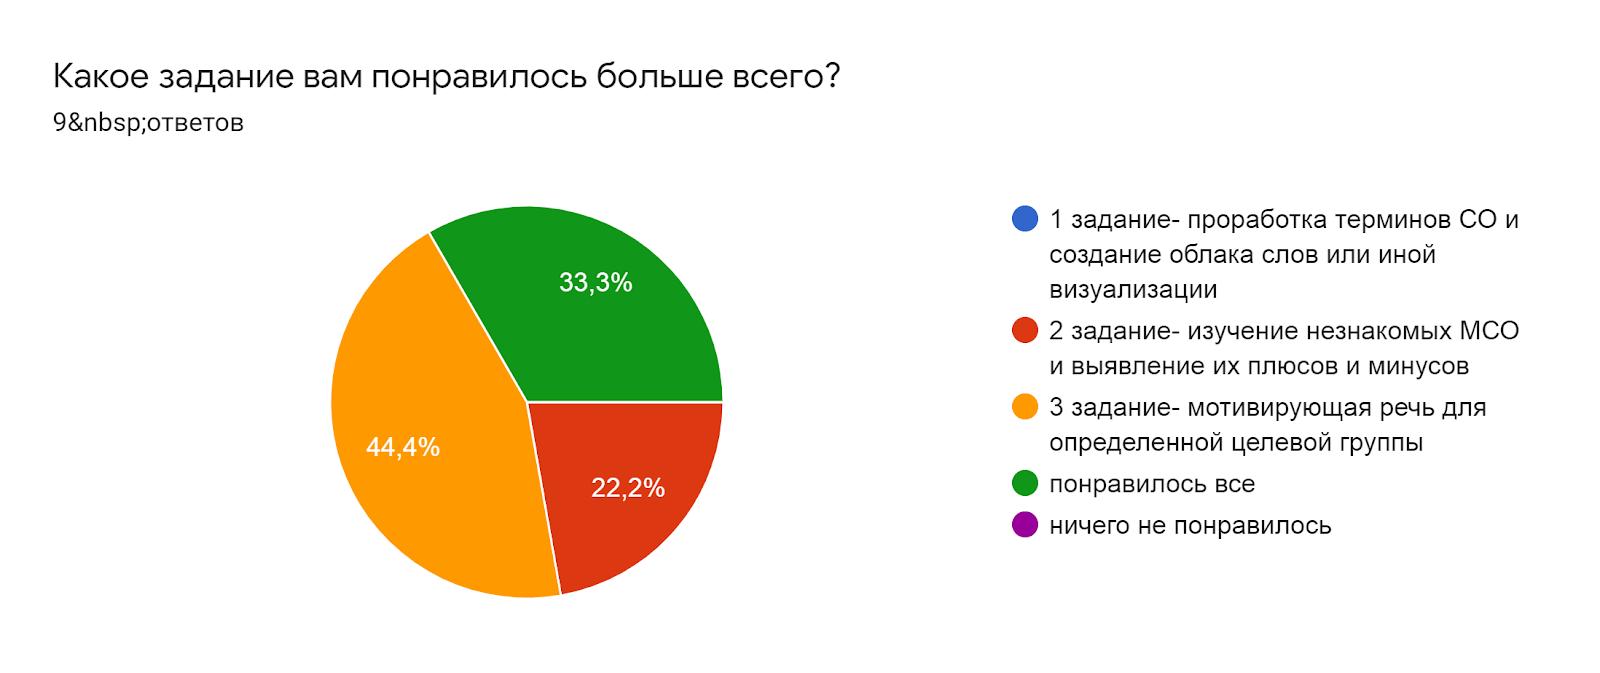 Диаграмма ответов в Формах. Вопрос: Какое задание вам понравилось больше всего?. Количество ответов: 9ответов.